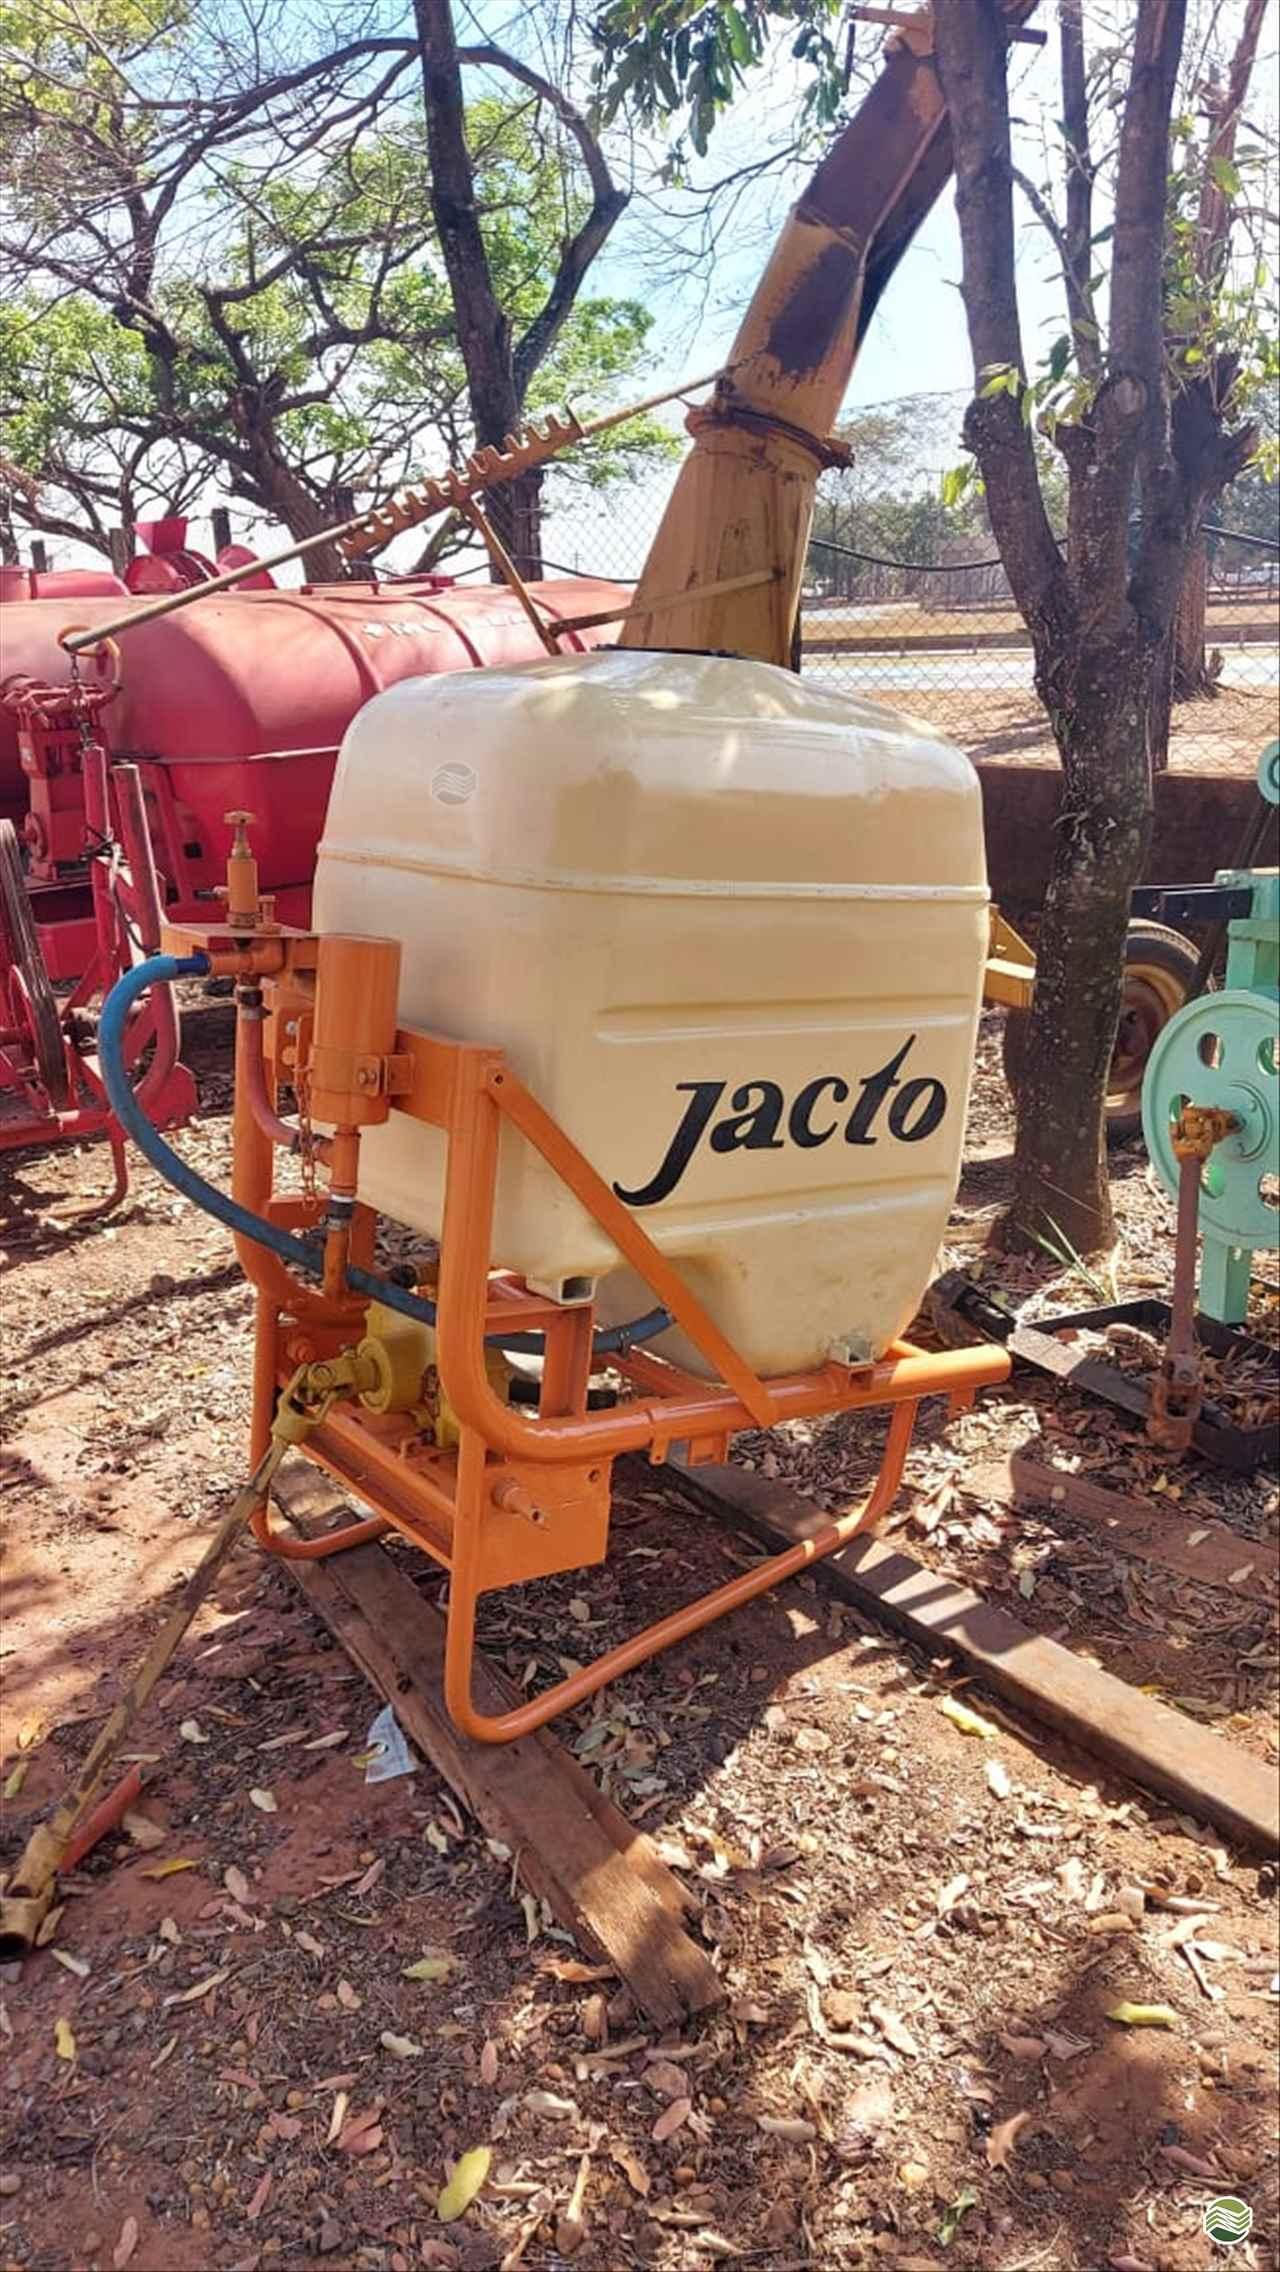 PULVERIZADOR JACTO PJ 500 L Acoplado Hidráulico Terra Santa Implementos Agrícolas BEBEDOURO SÃO PAULO SP